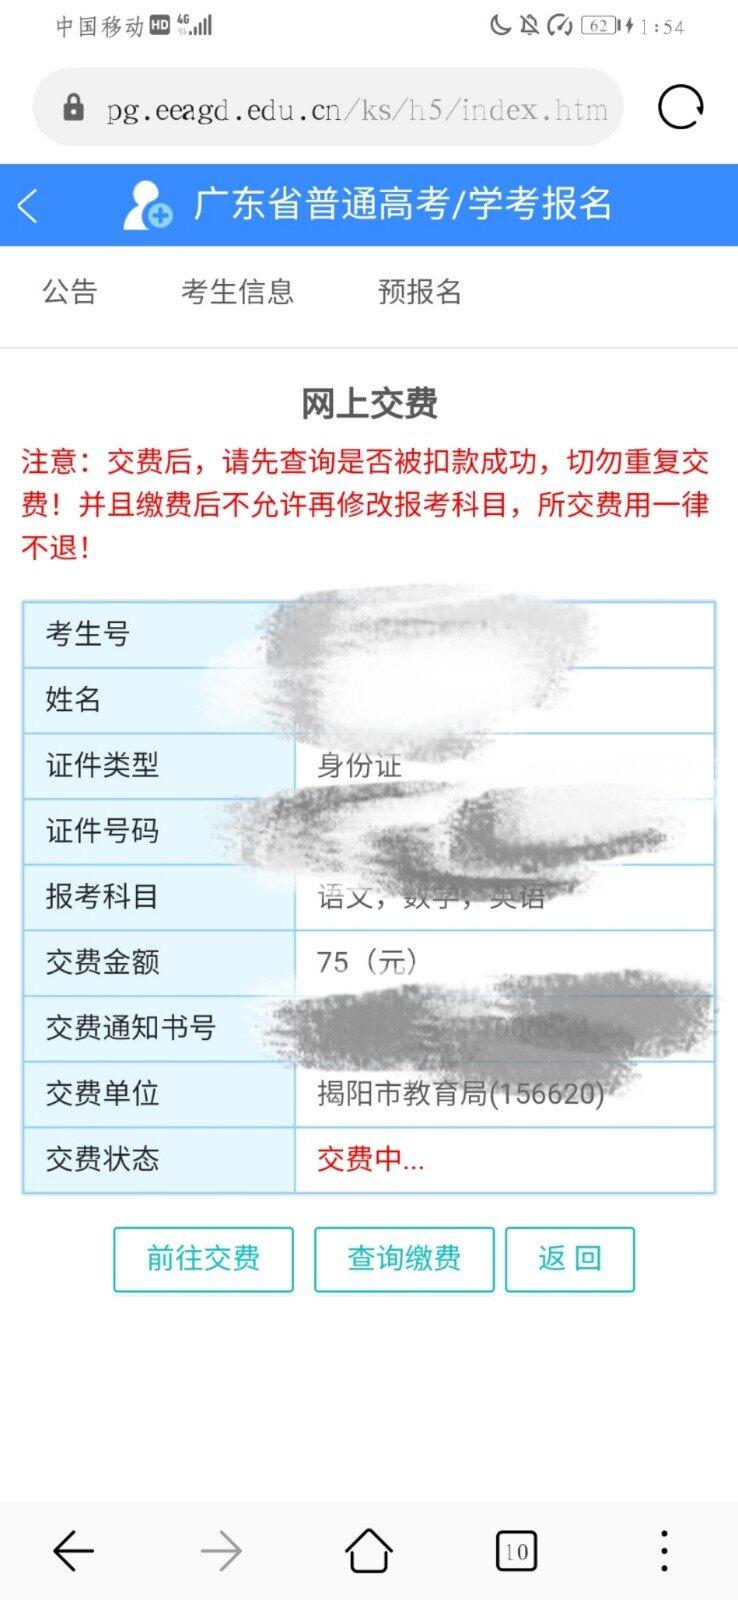 您看那个缴费单位是揭阳市教育局   那我是不是得去找揭阳市教育局